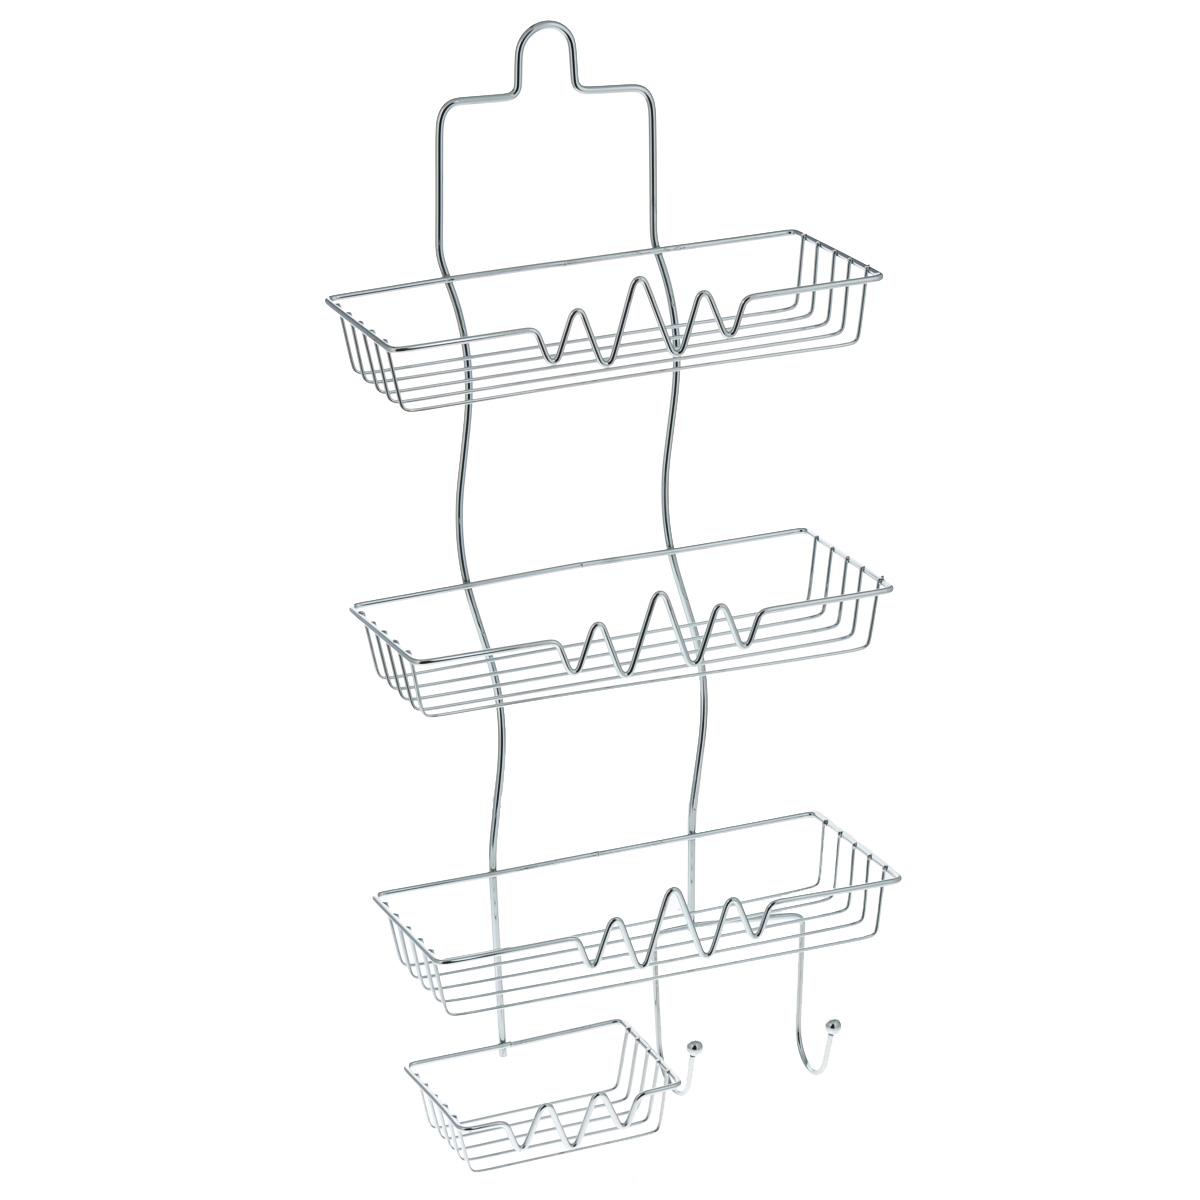 Полка Доляна, 3-х ярусная, с мыльницей, высота 60 см131393Полка Доляна выполнена из высококачественного металла и предназначена для хранения вещей в ванной комнате. Полка состоит из 3-х ярусов прямоугольной формы, мыльницы и двух крючков. Она пригодится для хранения различных предметов, которые всегда будут под рукой. Благодаря компактным размерам полка впишется в интерьер вашего дома и позволит вам удобно и практично хранить предметы домашнего обихода. Удобная и практичная металлическая полочка станет незаменимым аксессуаром в вашем хозяйстве. Высота полки: 60 см. Размер яруса: 27 см х 11 см. Расстояние между ярусами: 20 см. Размер мыльницы: 12 см х 11 см.